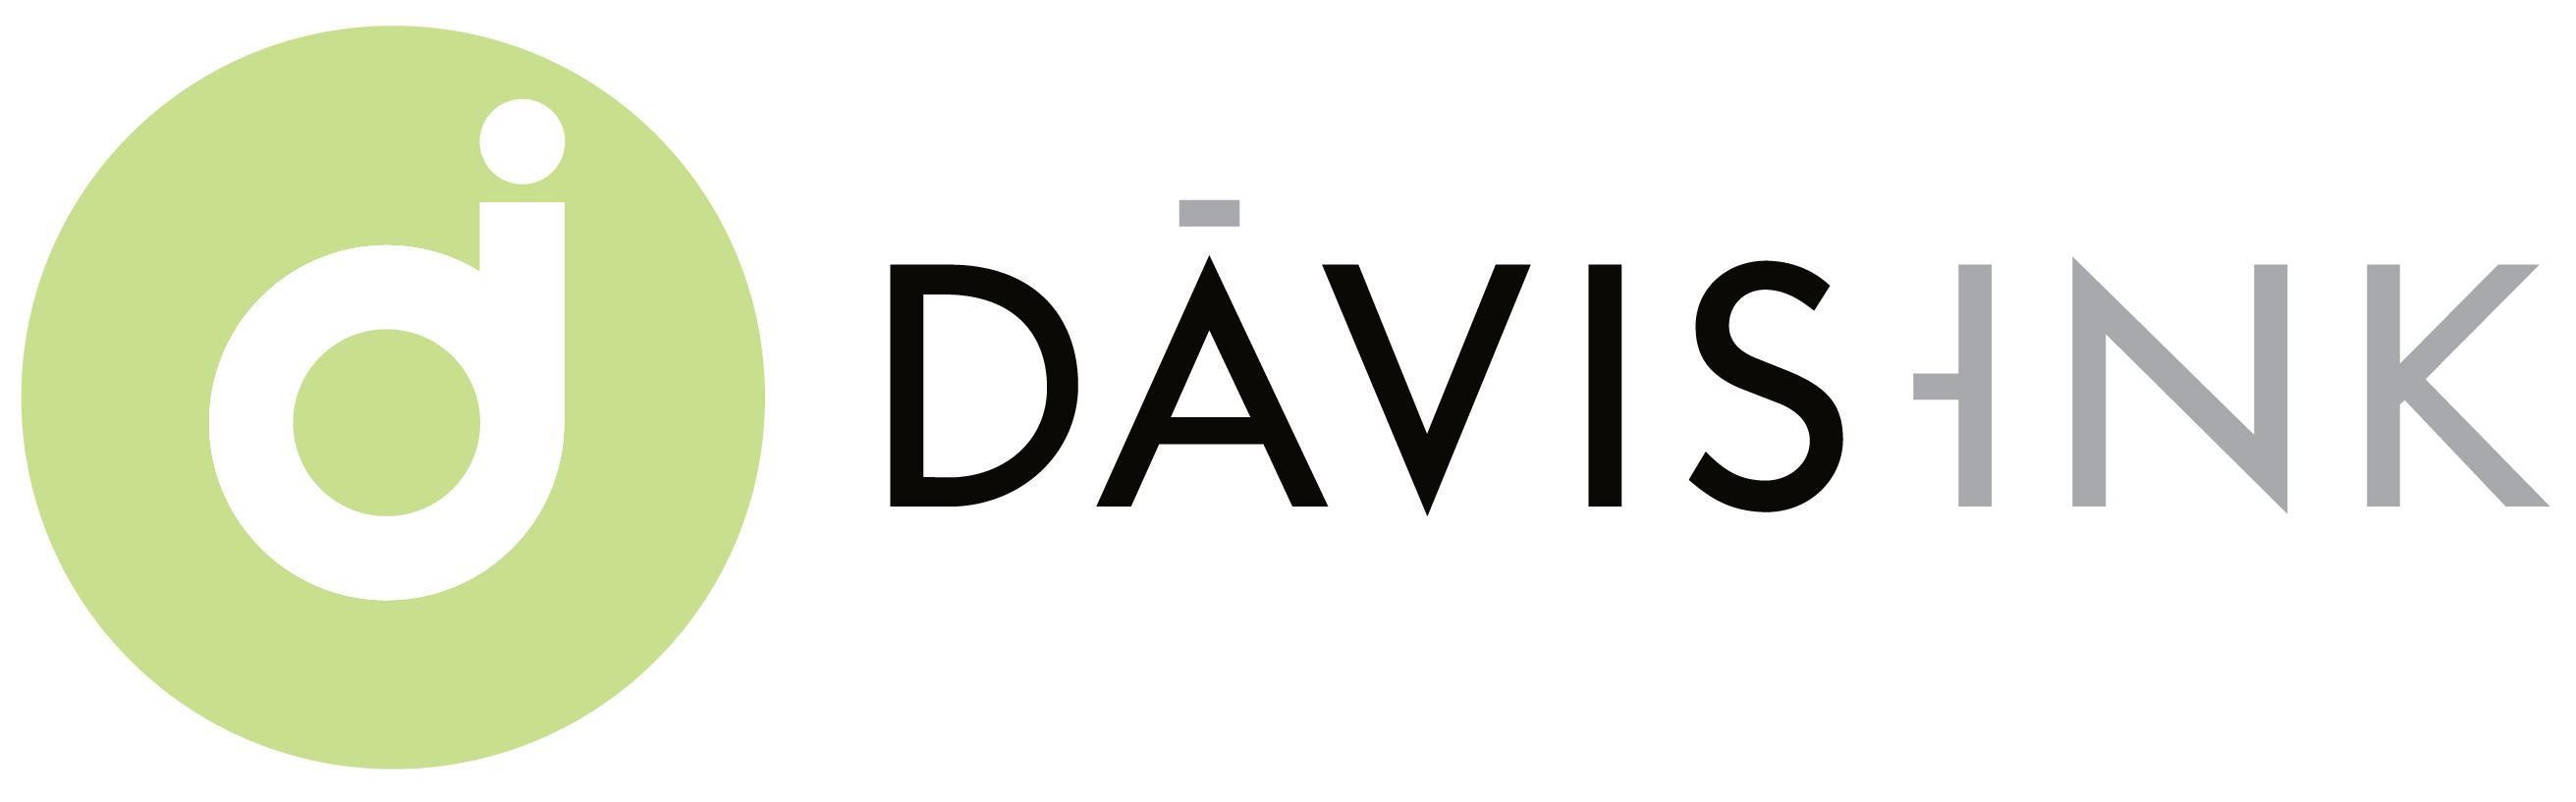 Davis Ink